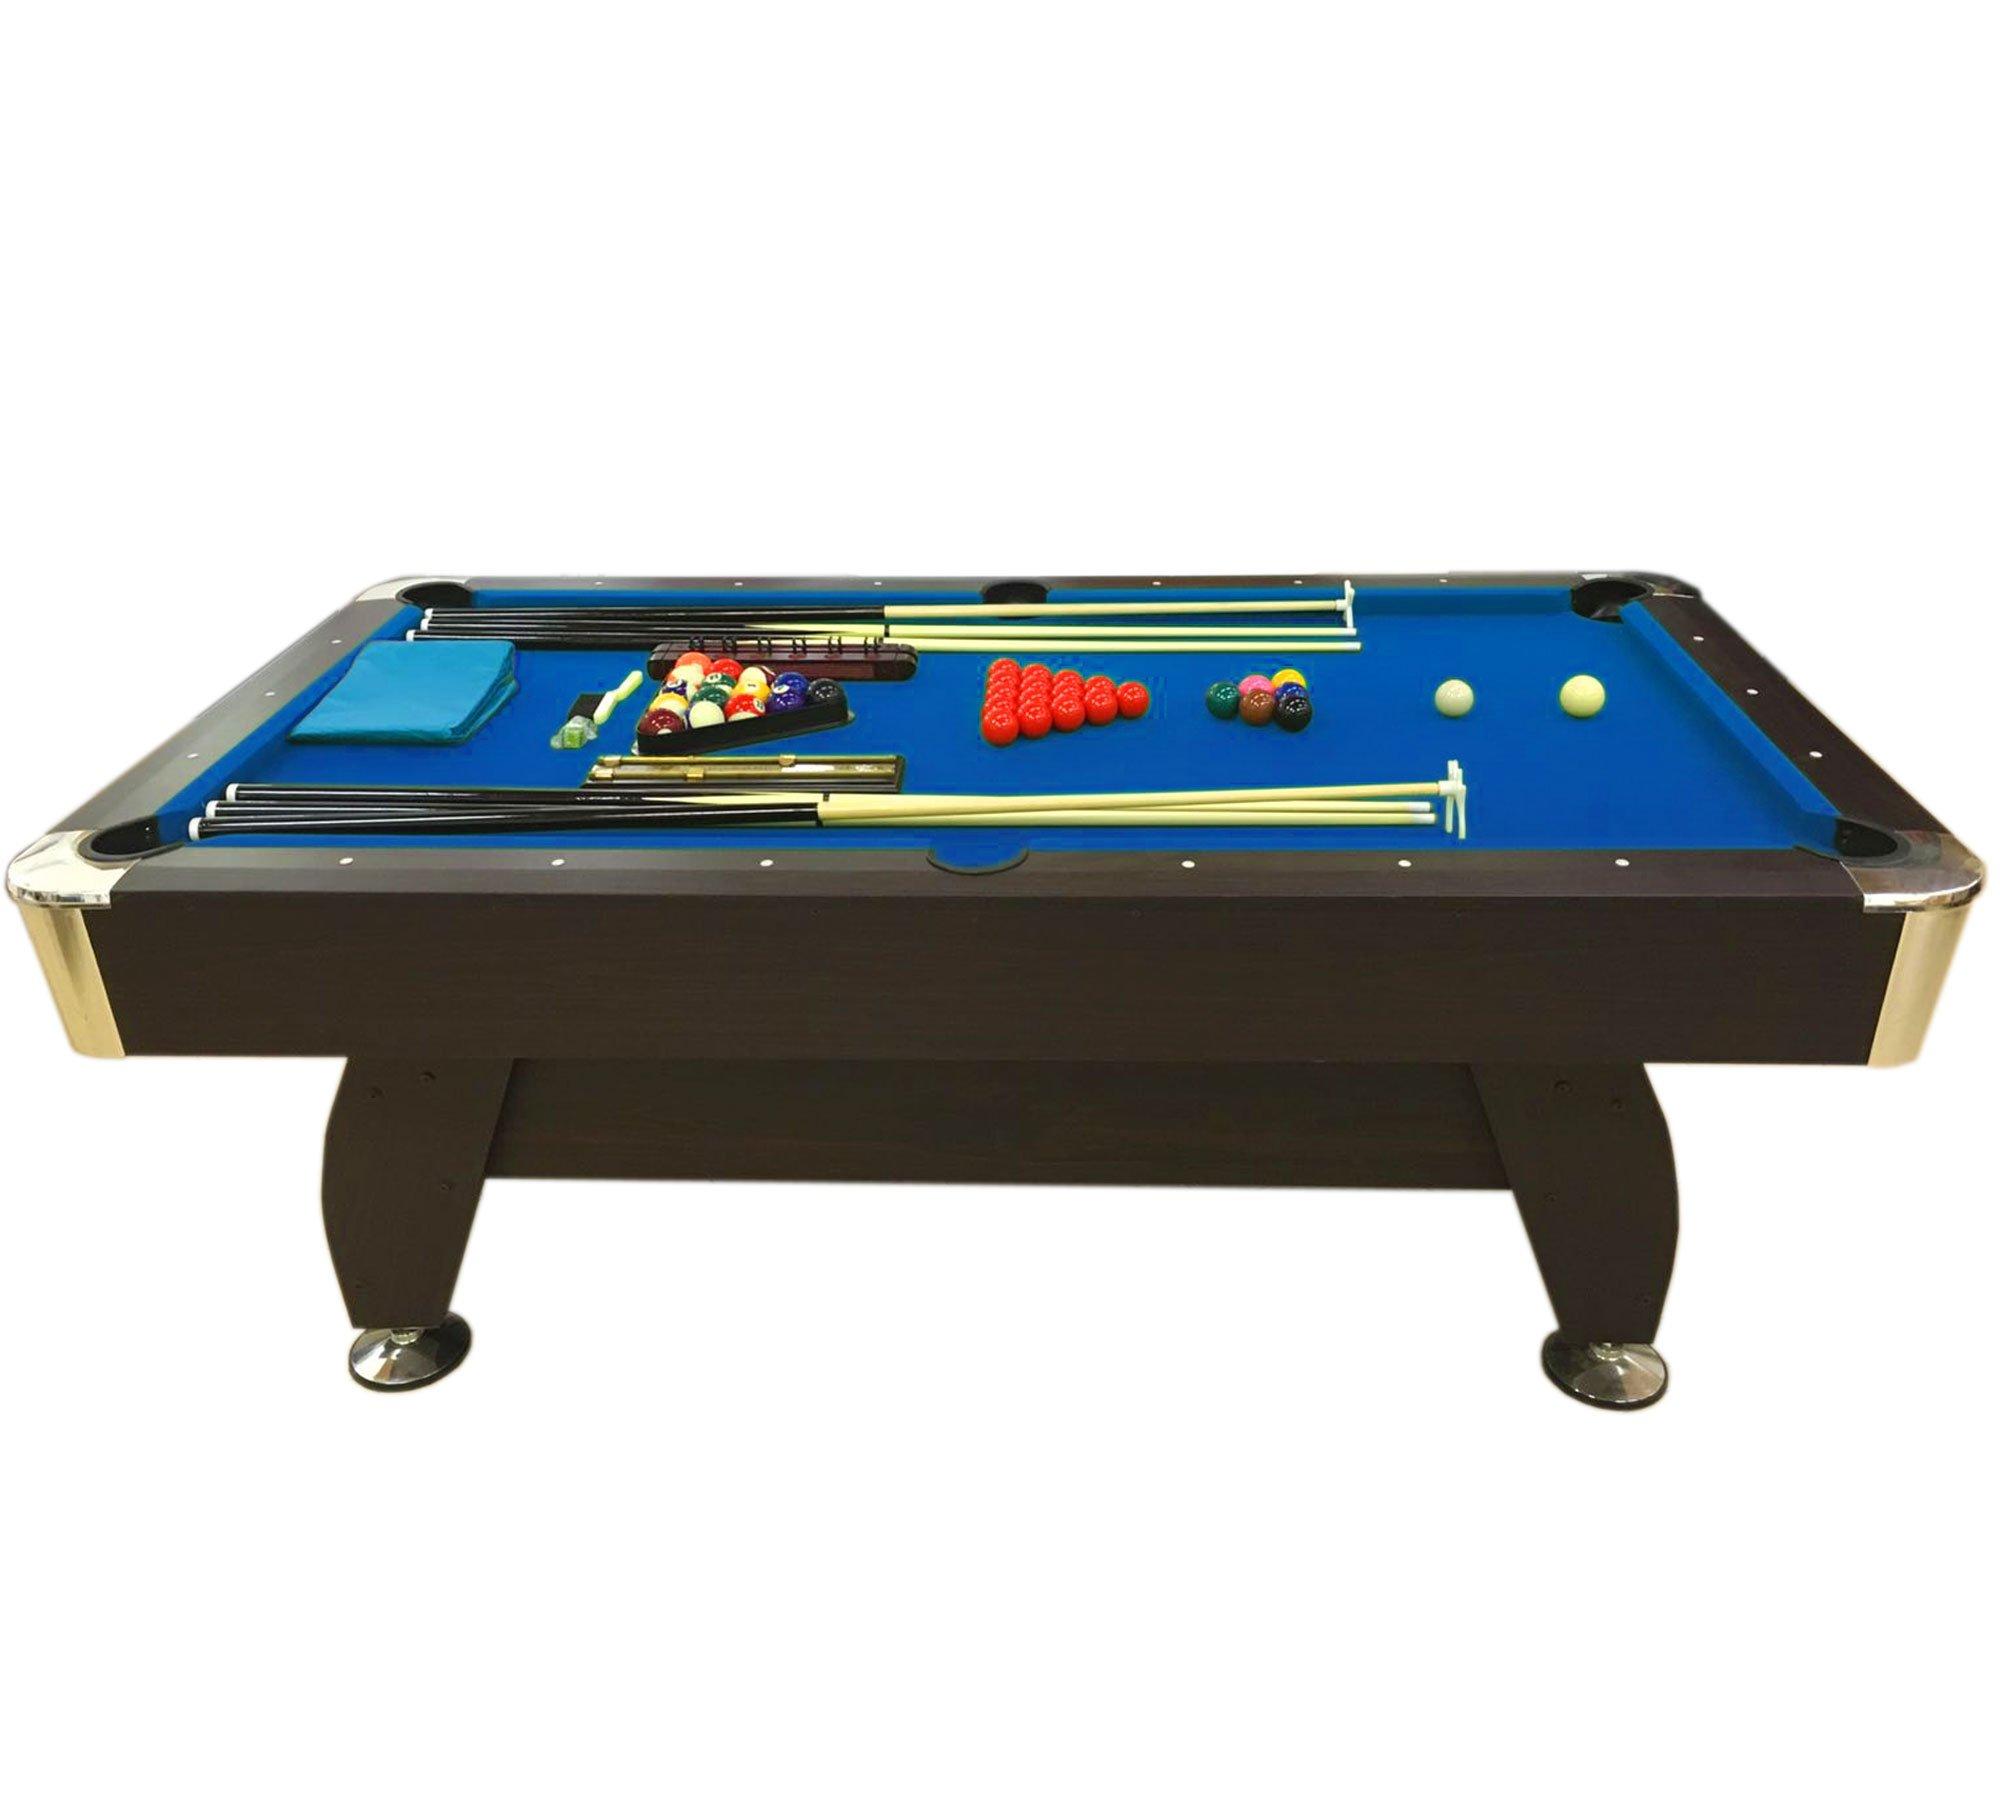 Simba Srl Mesa de Billar Juegos de Billar Pool 7 ft Medición de 188 X 96 cm Carambola Full Mod. Blue Sea: Amazon.es: Deportes y aire libre